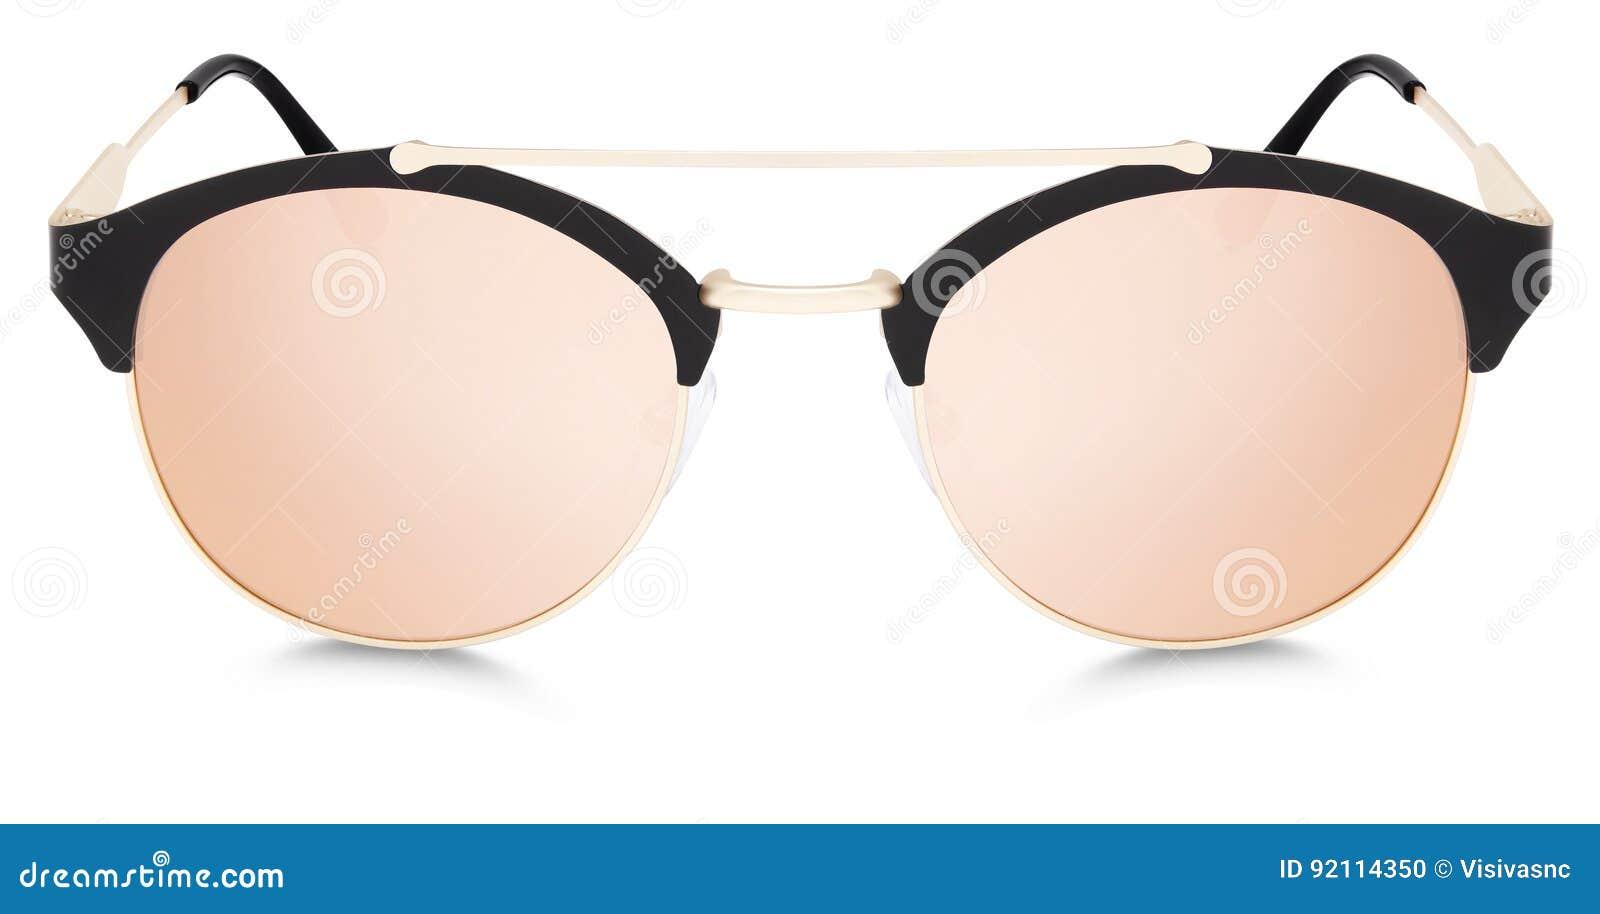 Lentes cor-de-rosa do espelho dos óculos de sol dourados e pretos isoladas b118a9340b